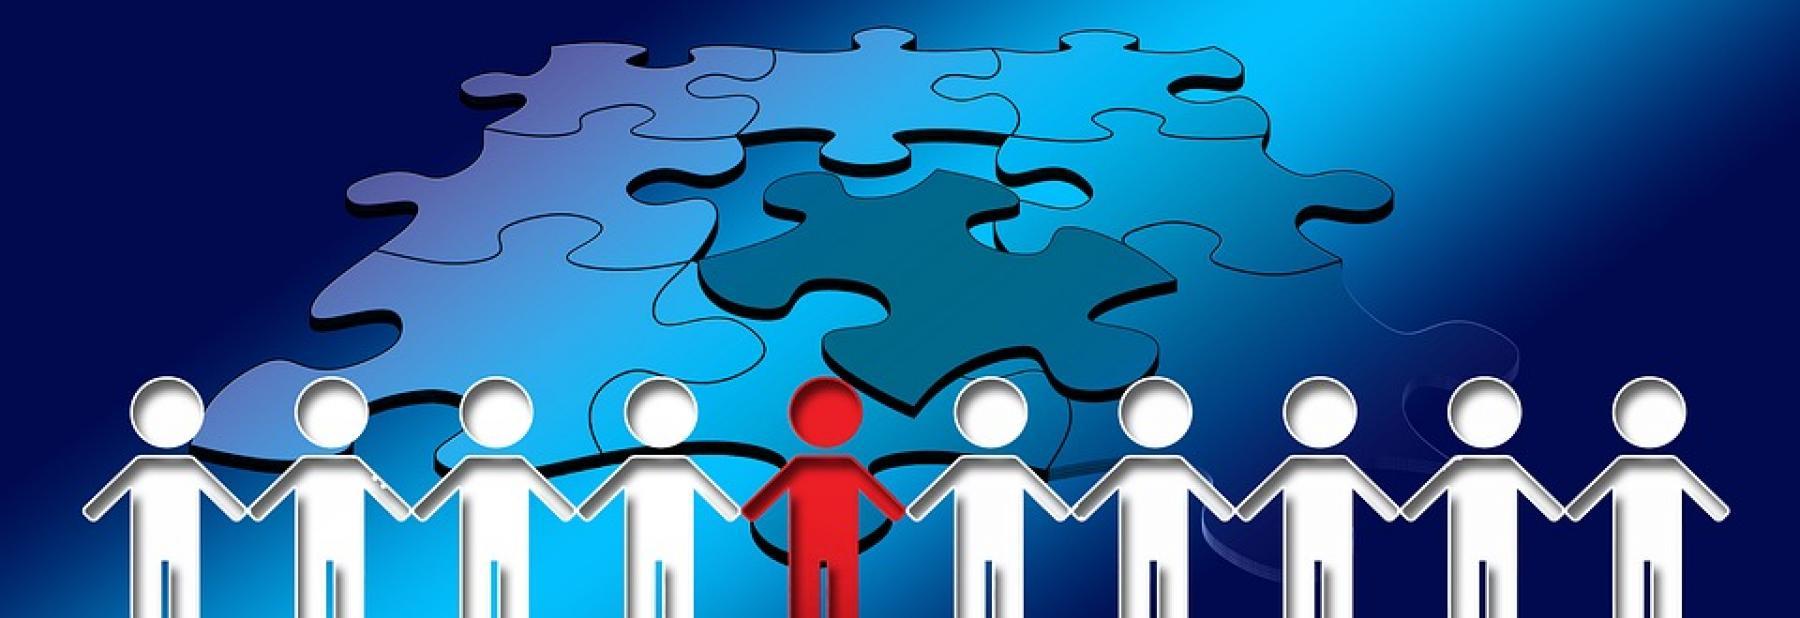 sprto e integrazione